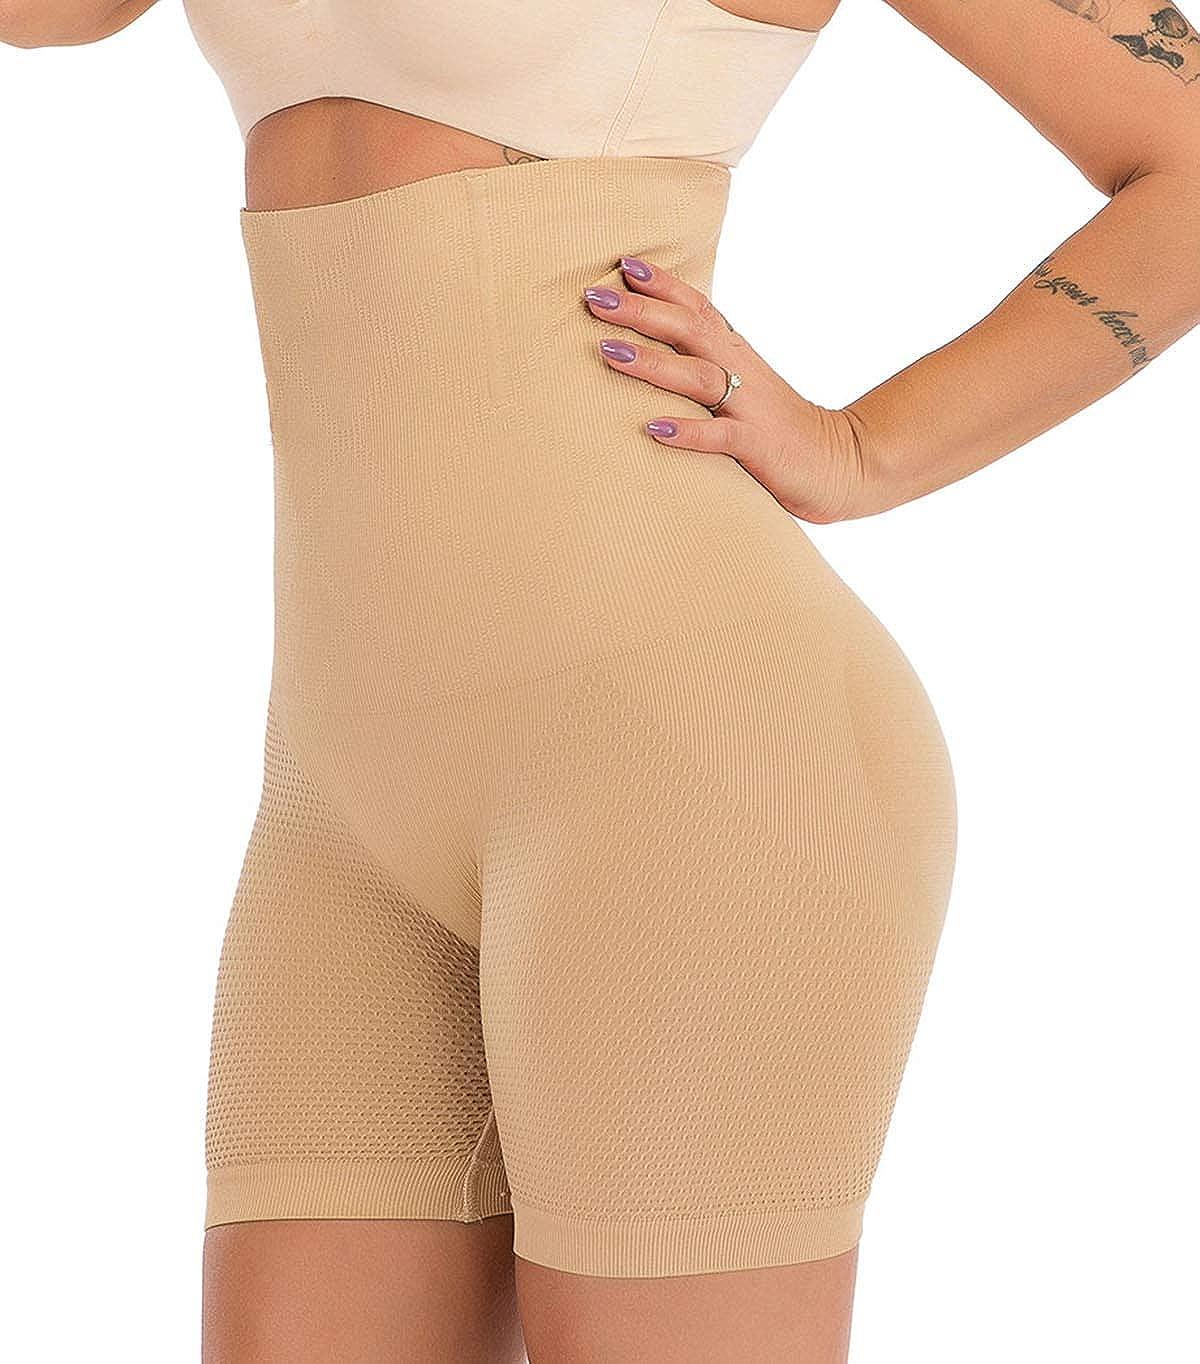 SAYFUT Women Waist Cincher Girdle Belly Slimmer Trainer Sexy Shapewear Butt Lifter